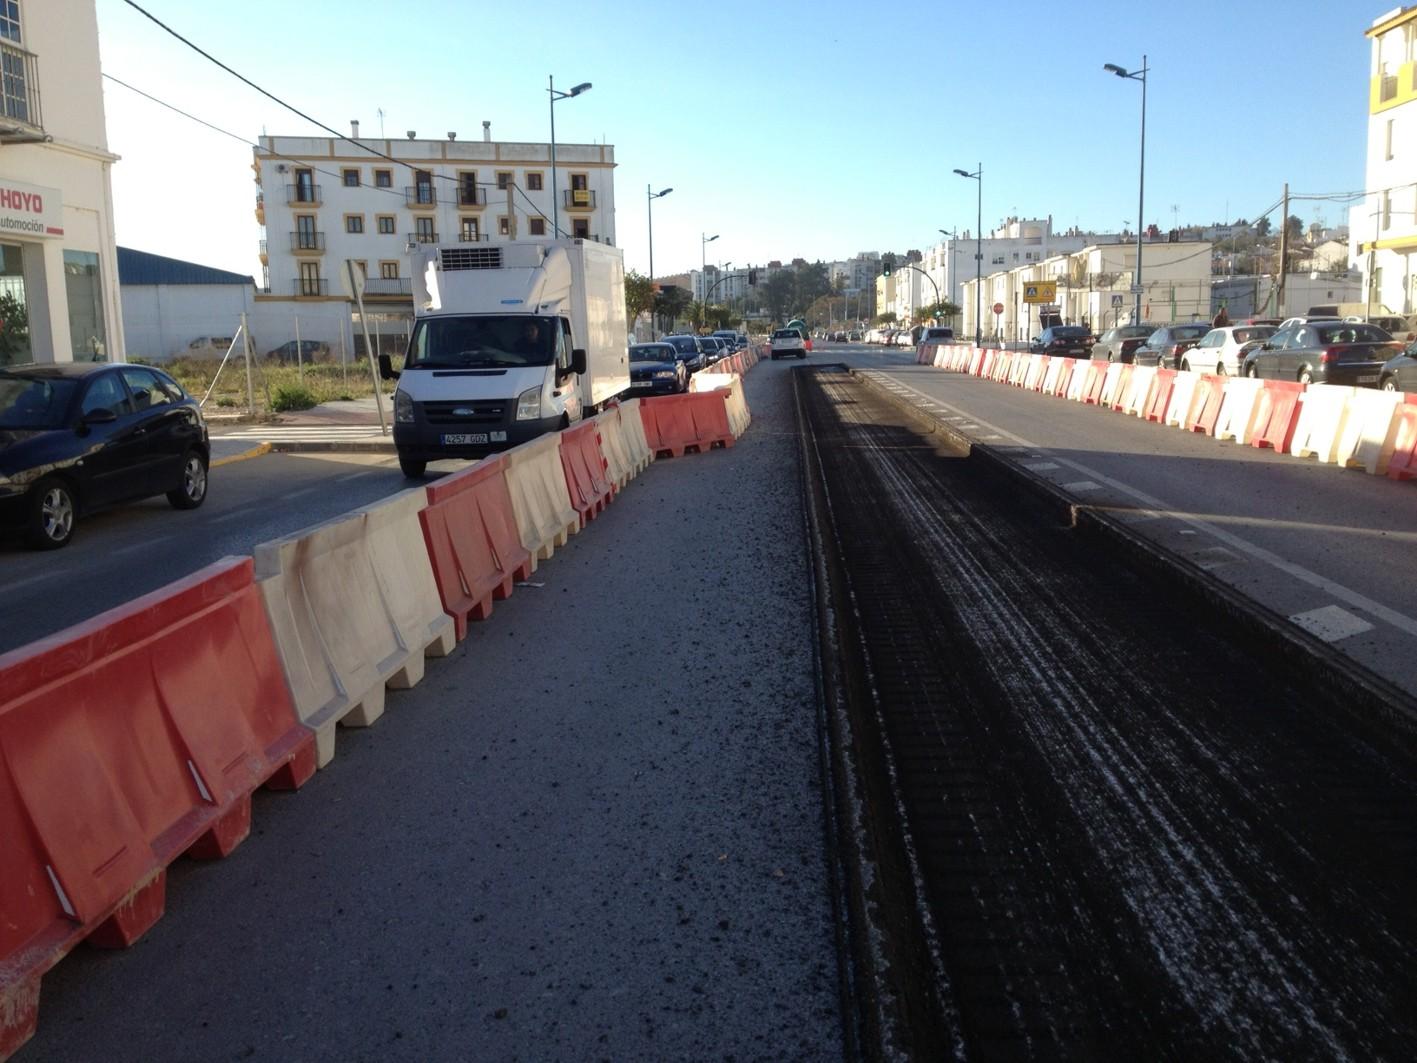 Obras en el tramo urbano de Chiclana del tranvía de la Bahía de Cádiz, el pasado mes de febrero.